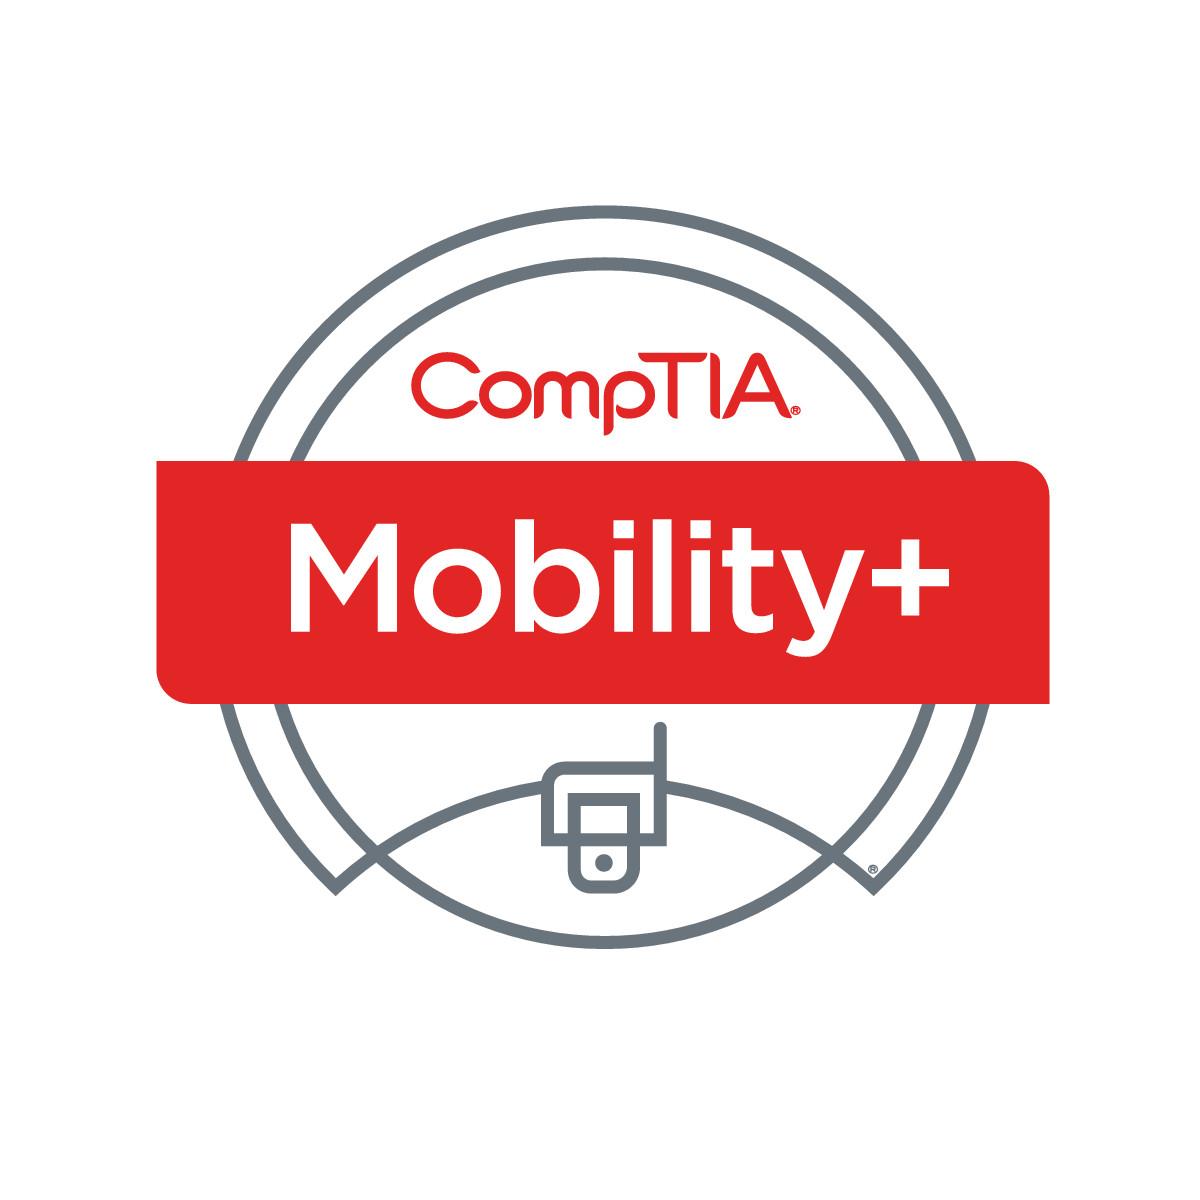 CompTIA Mobility+ Logo